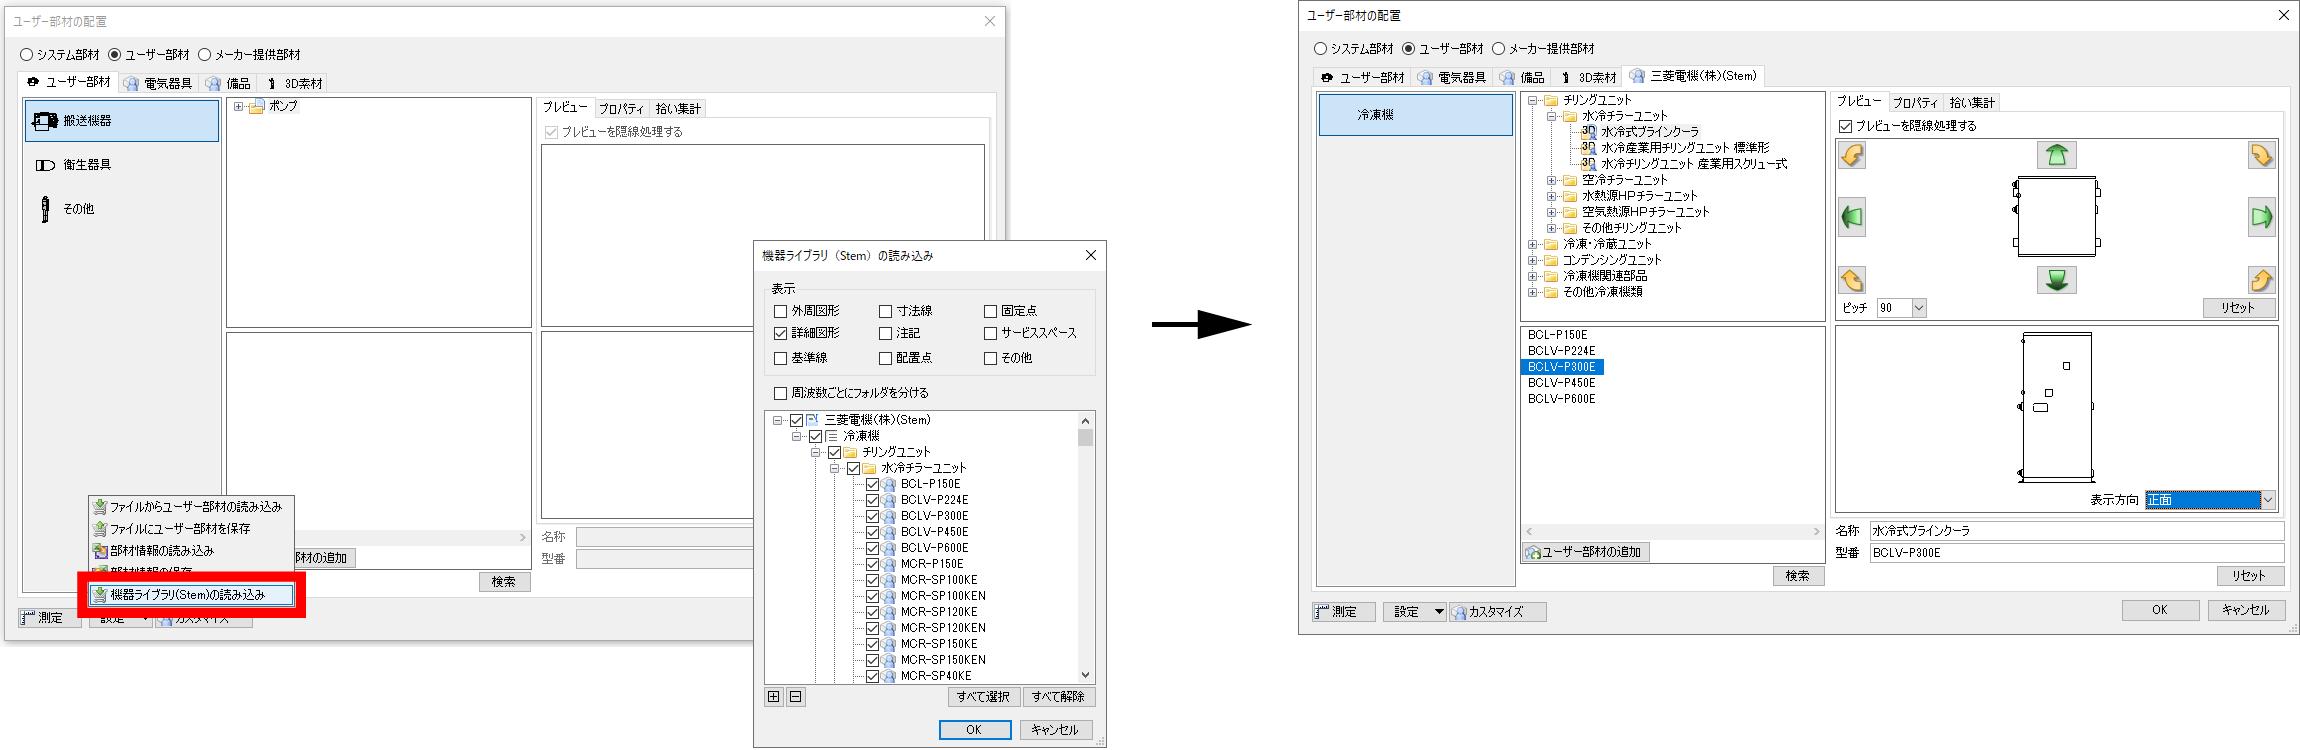 機器ライブラリ(Stem)をユーザー部材に取り込み